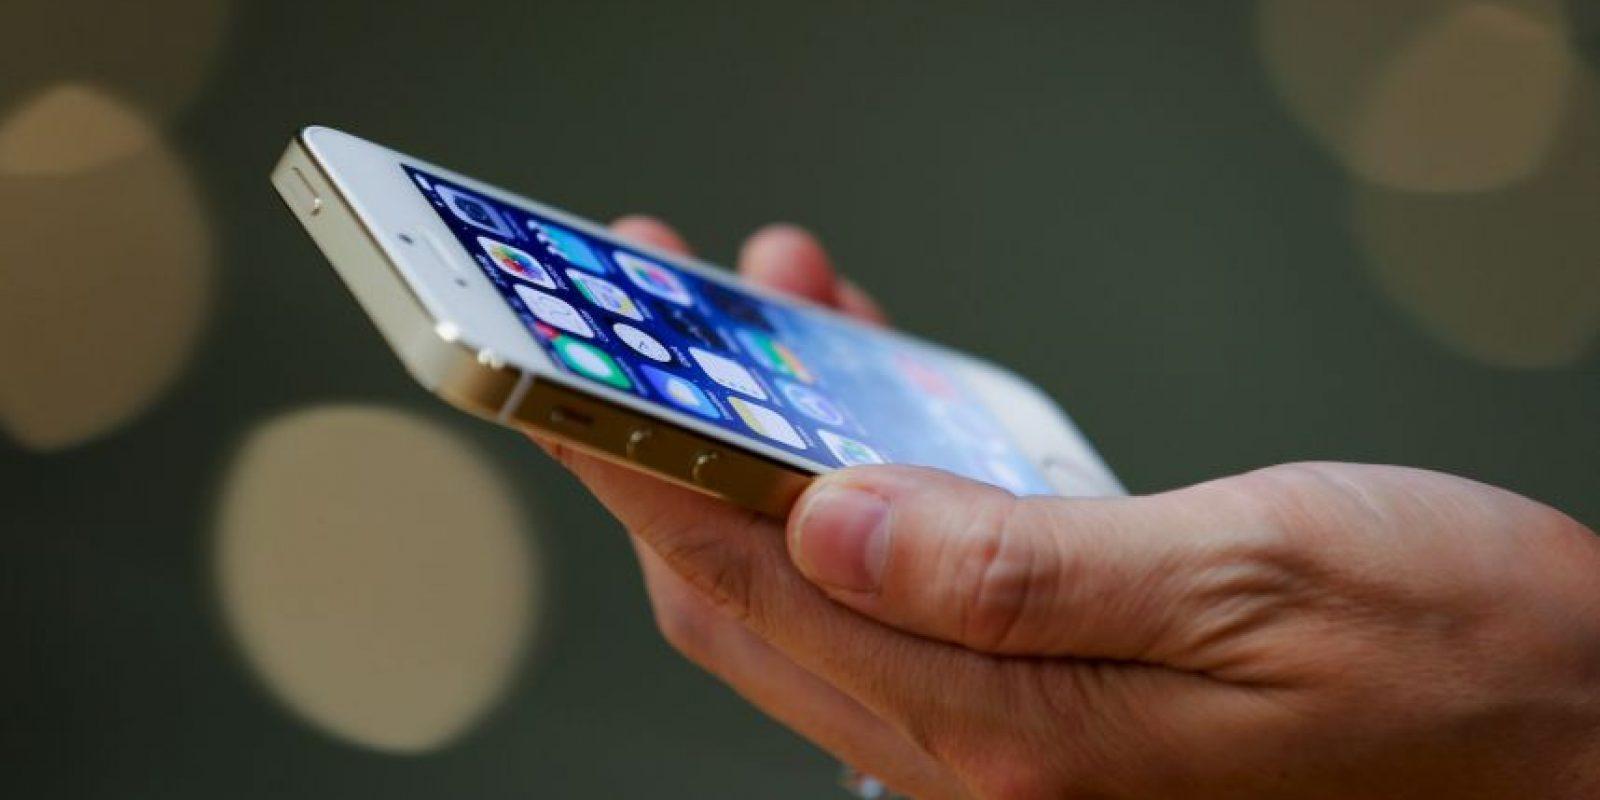 La aplicación imita el sonido de un secador de manos automático. Nada más. Foto:Getty Images